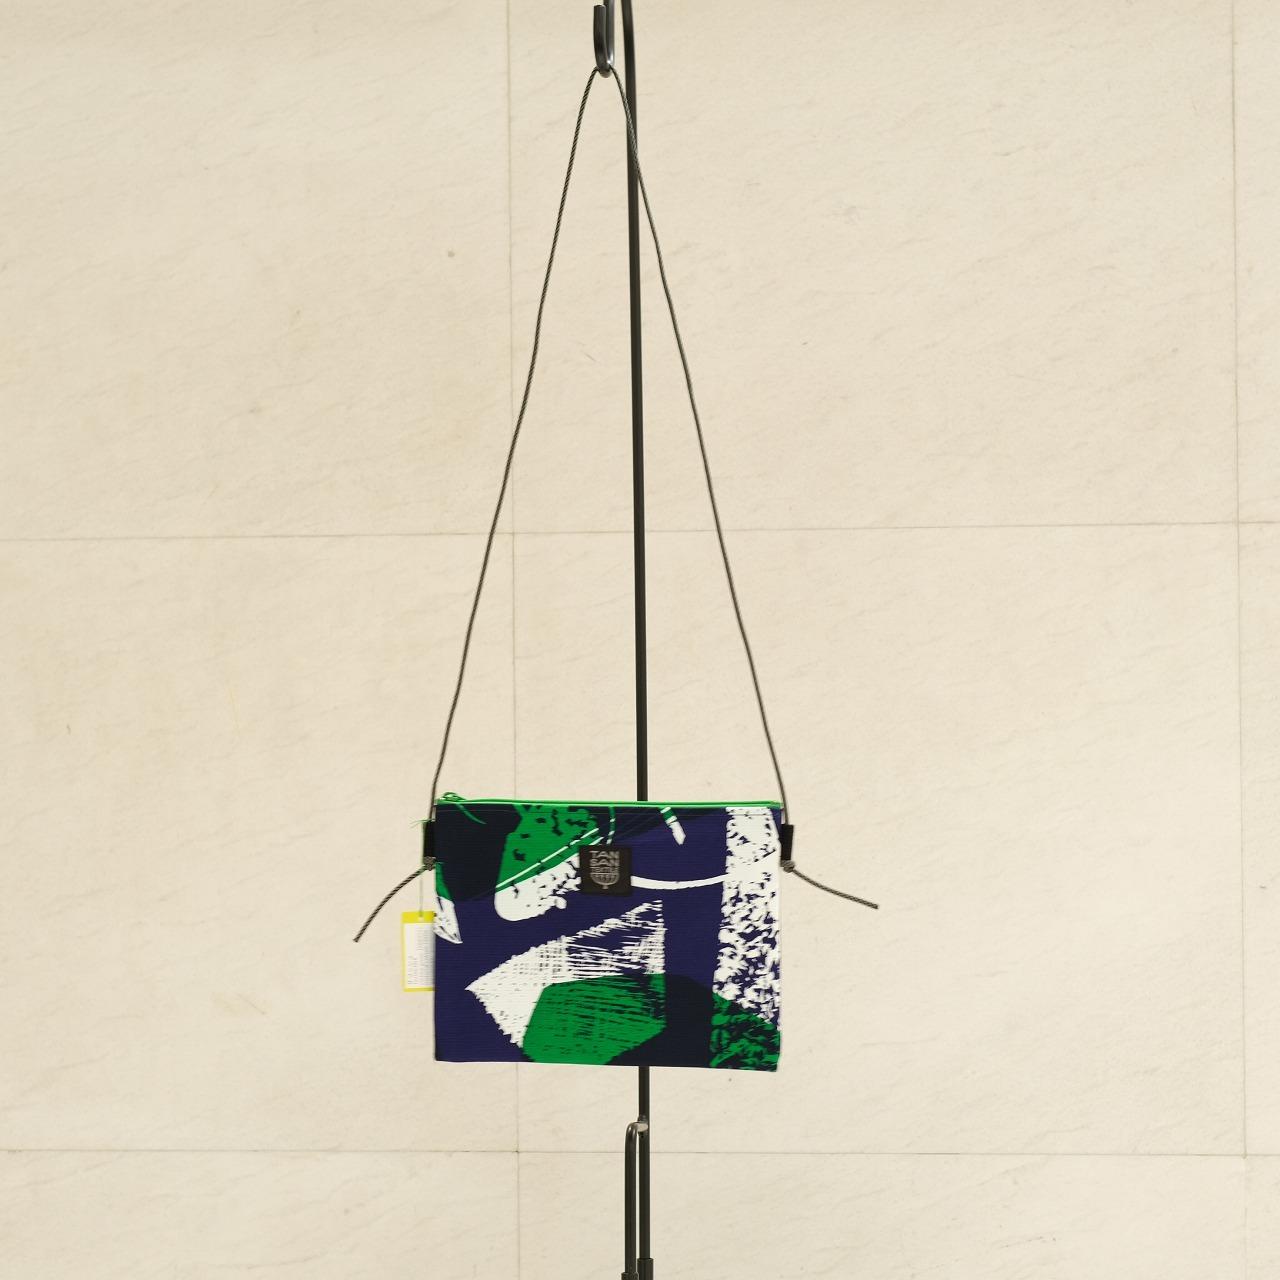 炭酸デザイン室 オンライン展示会 サコッシュ_d0182409_16560635.jpg